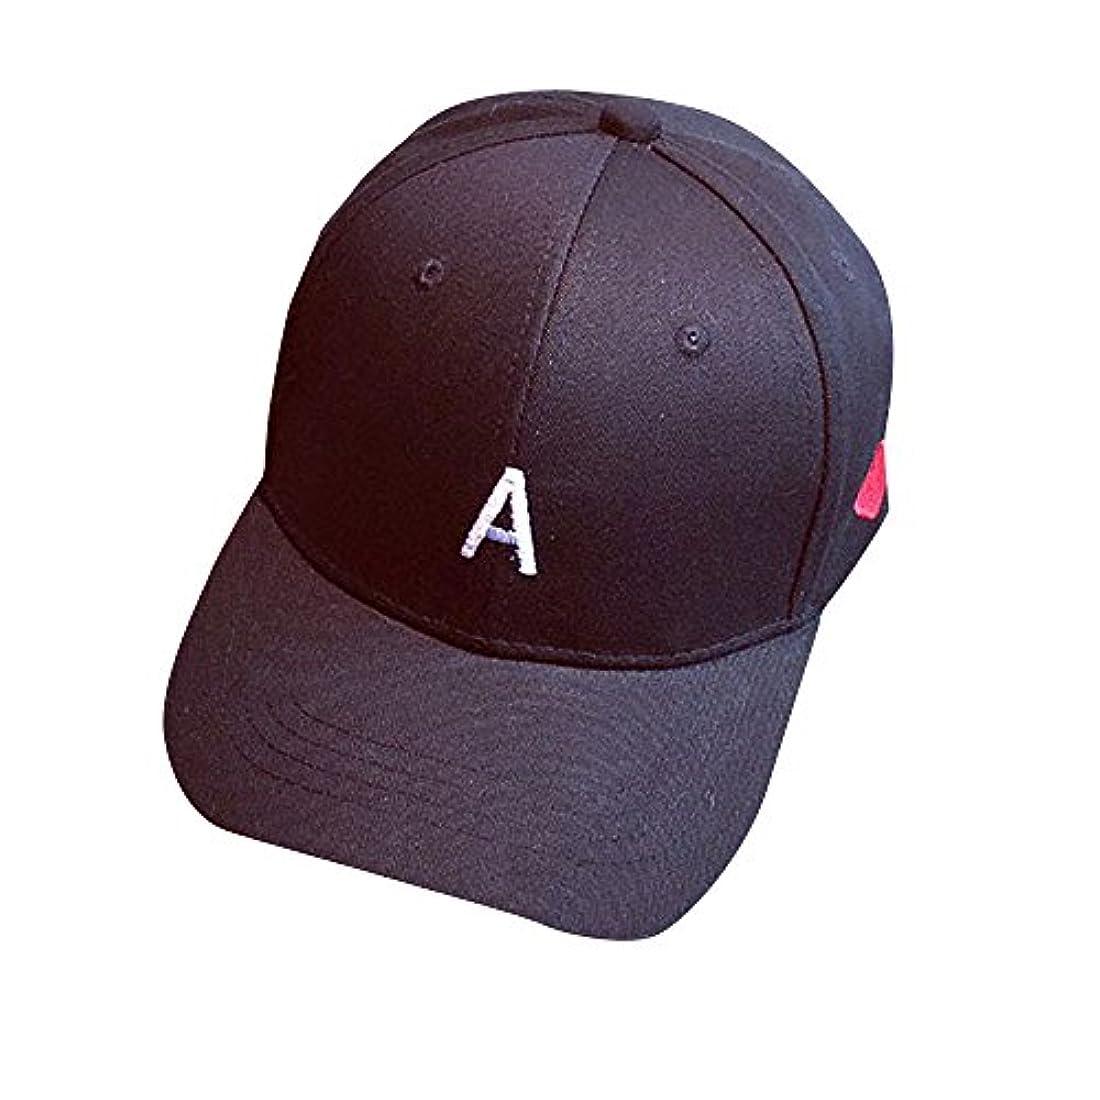 削る発揮する被害者Racazing Cap 文字刺繍 野球帽 無地 キャップ 夏 登山 通気性のある 帽子 ベルクロ 可調整可能 ヒップホップ 棒球帽 UV 帽子 軽量 屋外 Unisex Hat (黒)